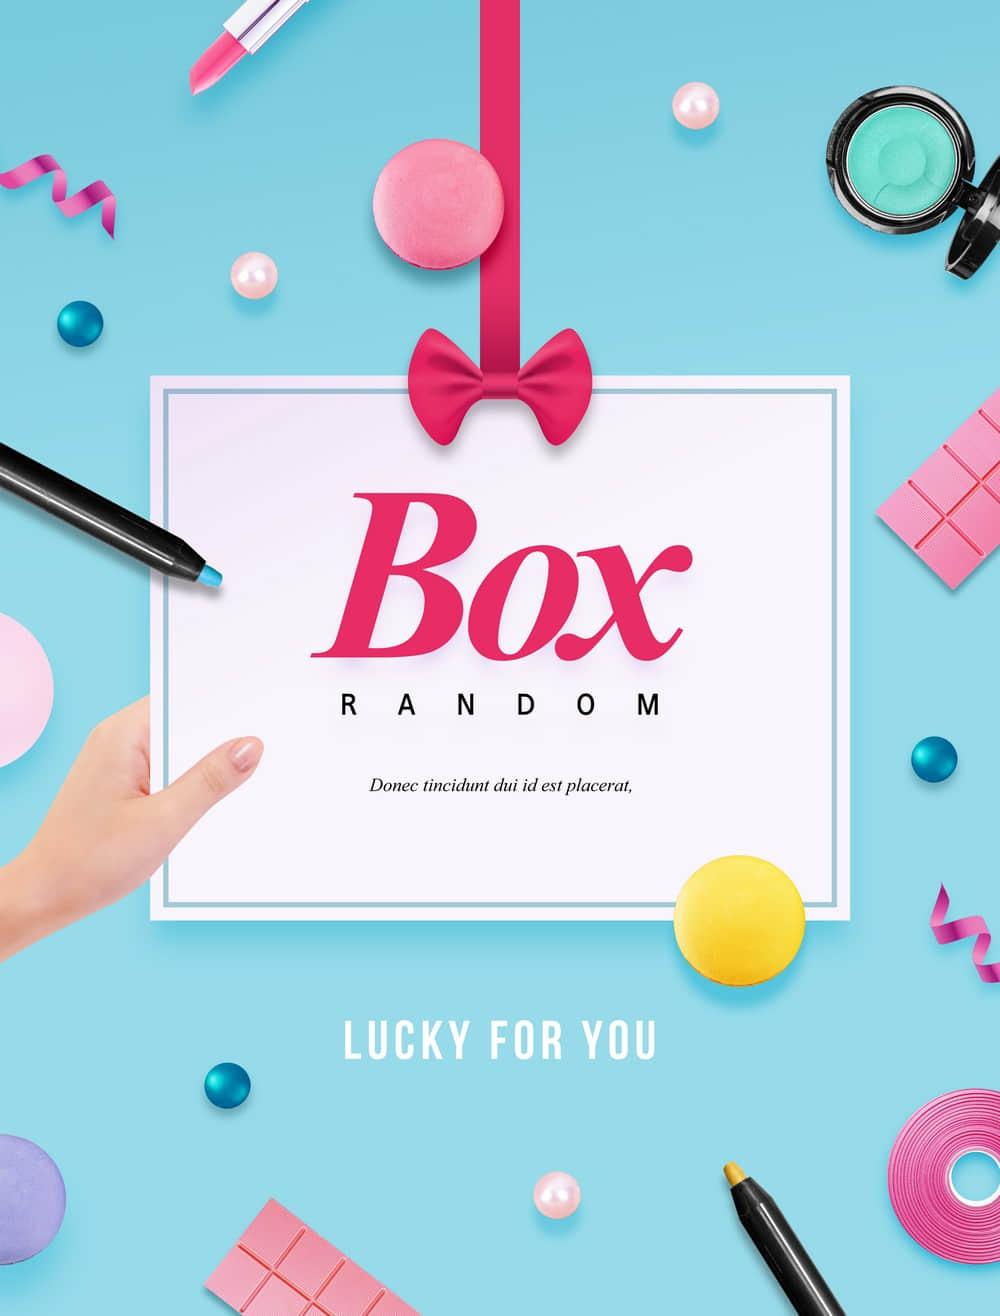 促销卡片礼品惊喜节假日礼物美妆促销海报